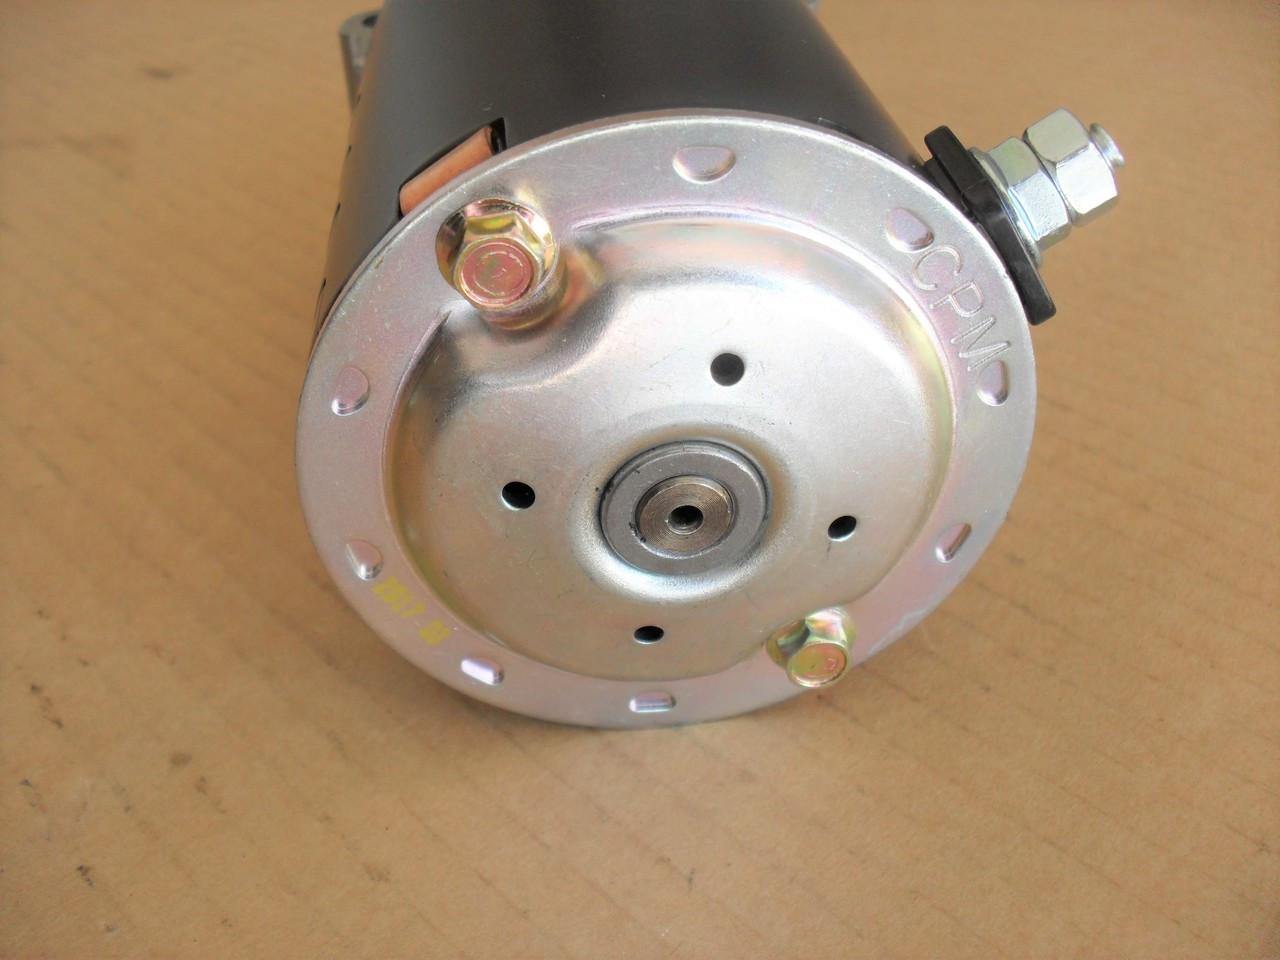 New Starter Fits KOHLER 1209810 2509804 2509807 2509805 AM120729 12-098-10